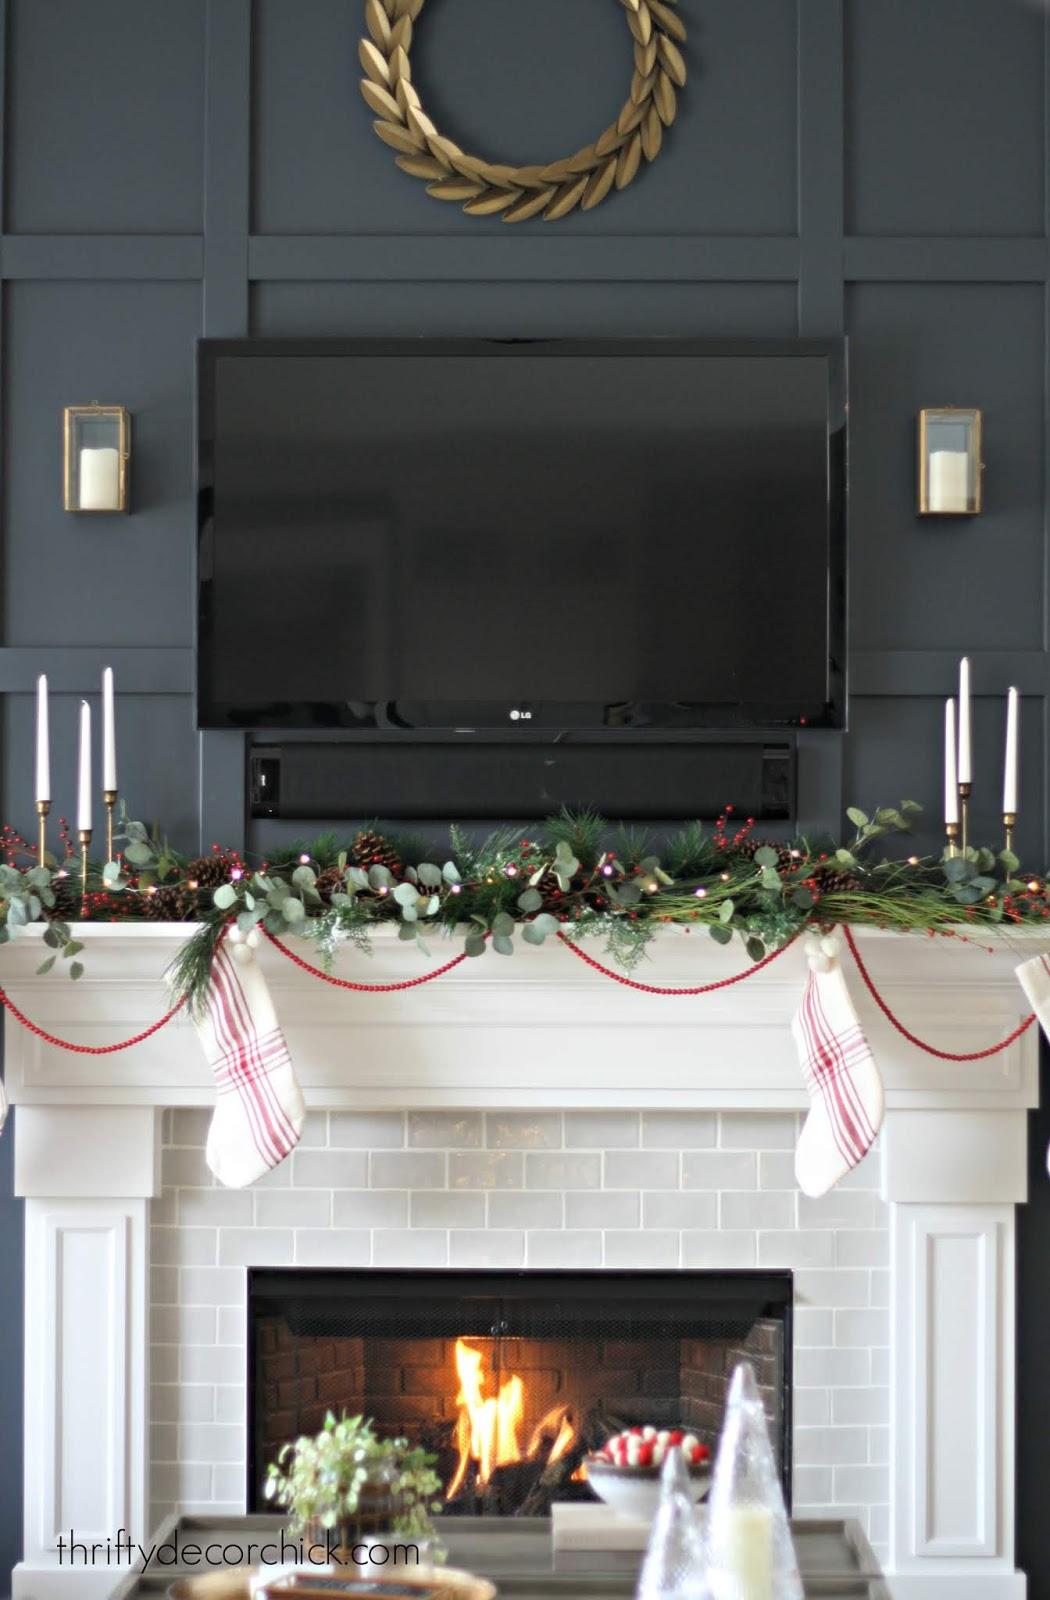 Mantel decorating at Christmas